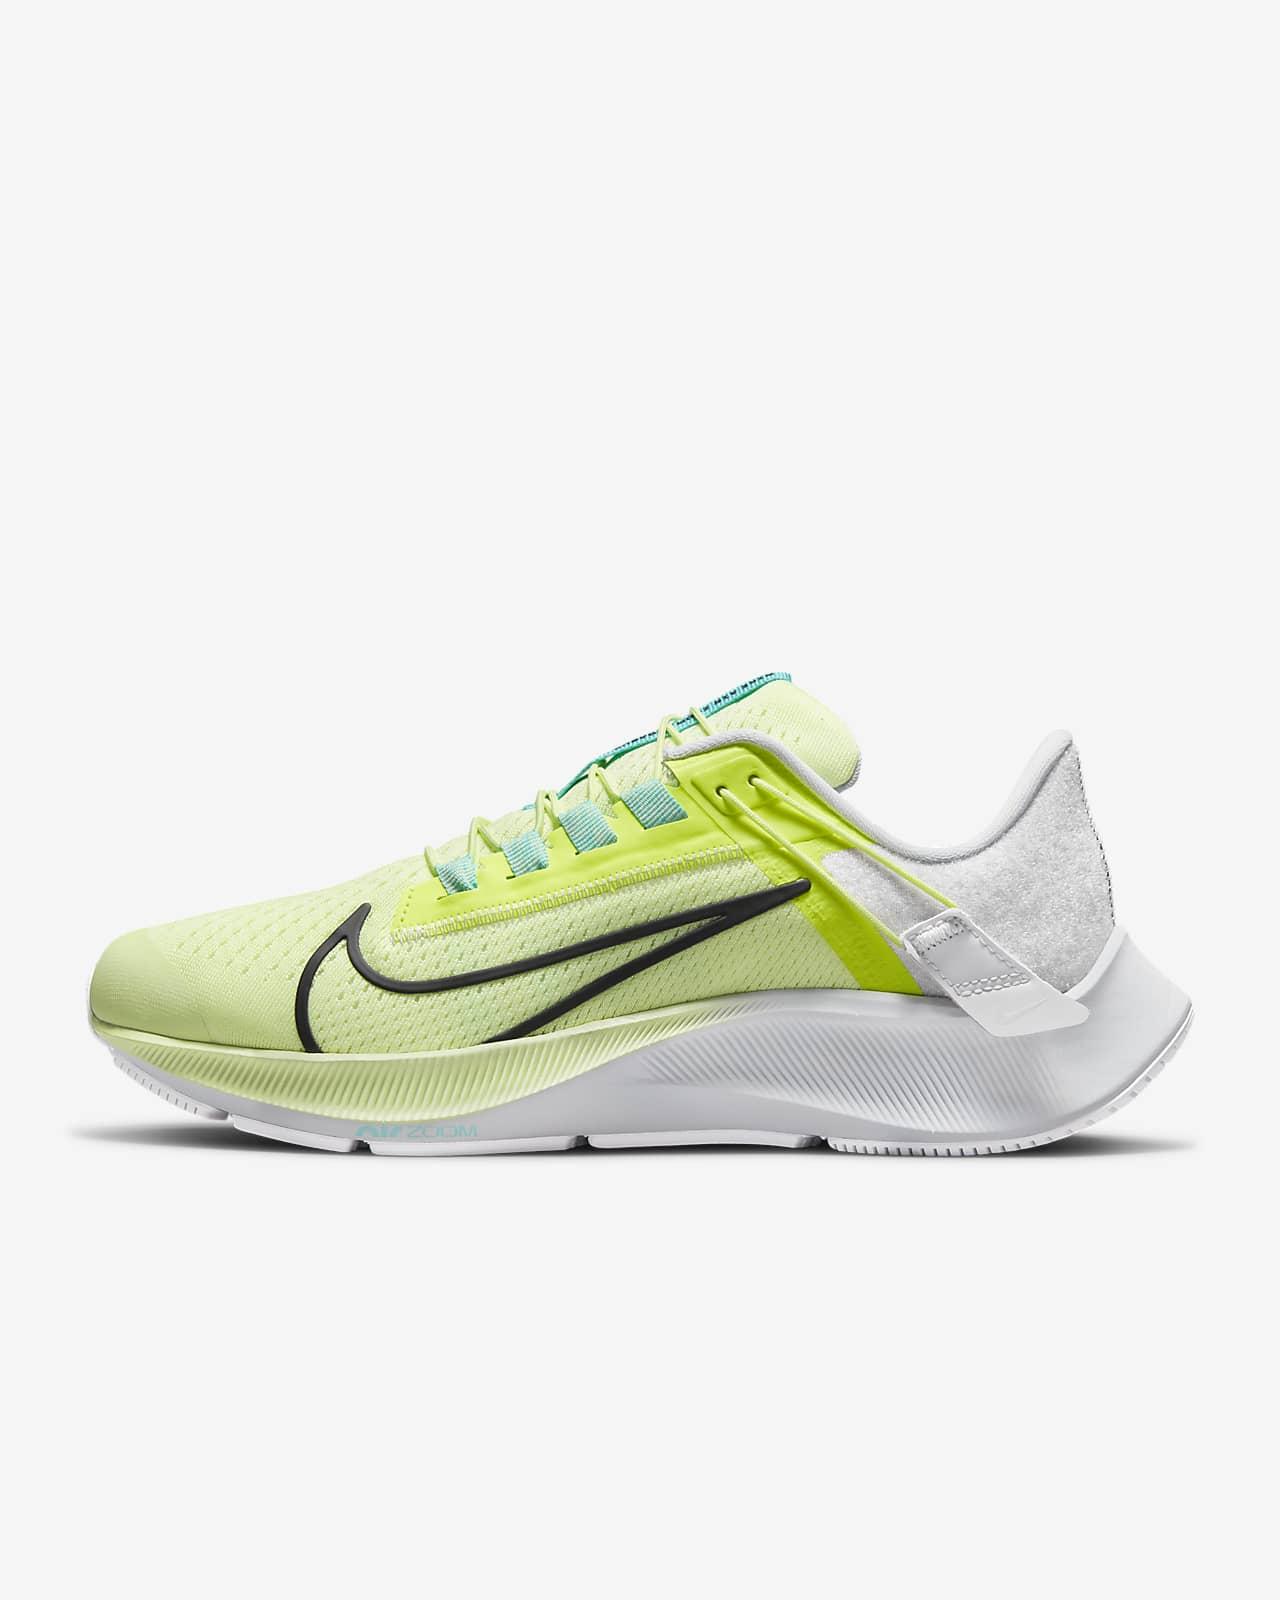 Nike Air Zoom Pegasus 38 FlyEase Zapatillas de running para carretera fáciles de poner y quitar - Mujer